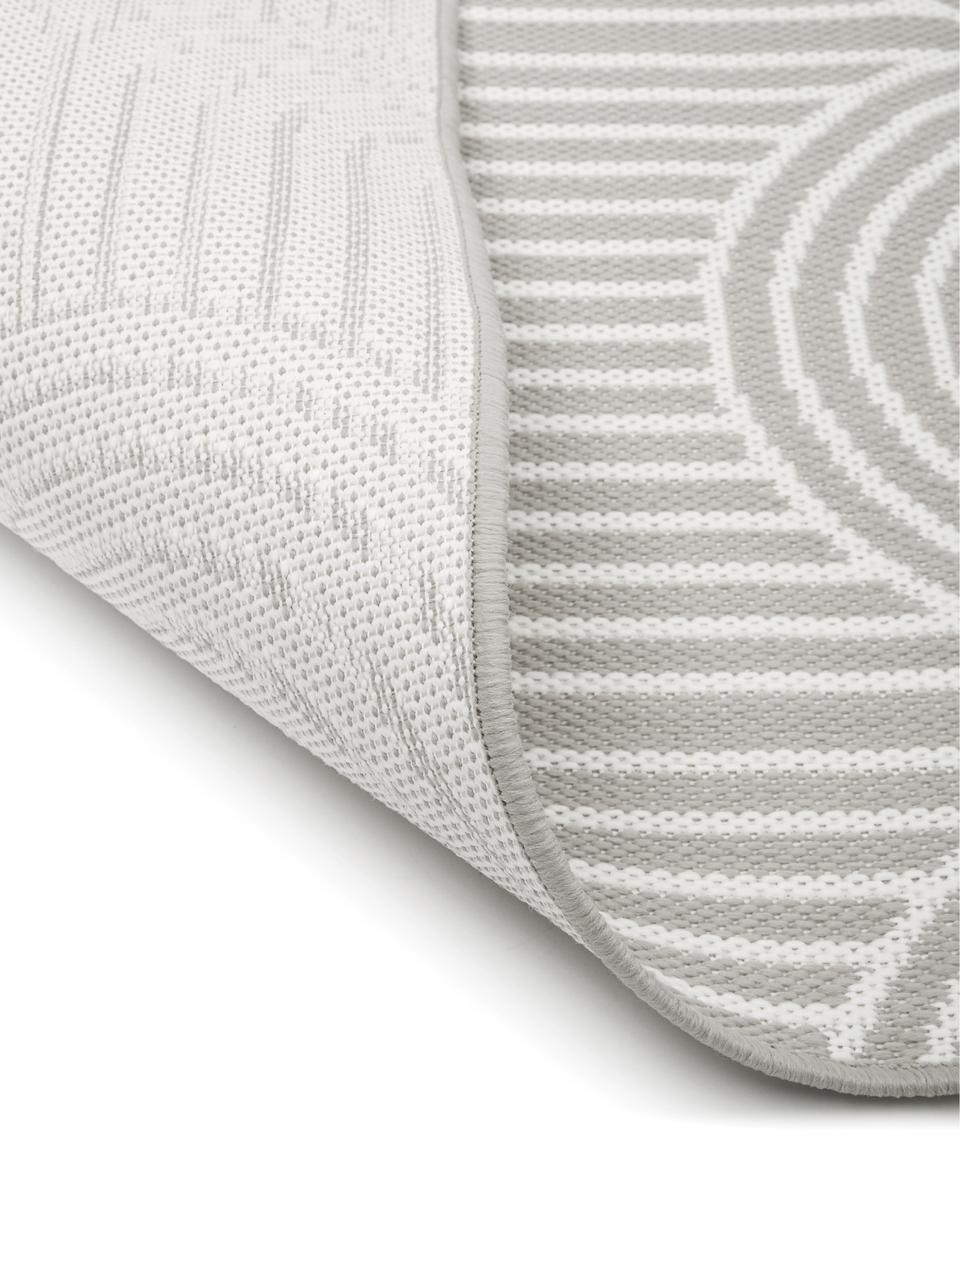 In- & Outdoorläufer Arches in Grau/Cremeweiß, 86% Polypropylen, 14% Polyester, Grau, Weiß, 80 x 250 cm